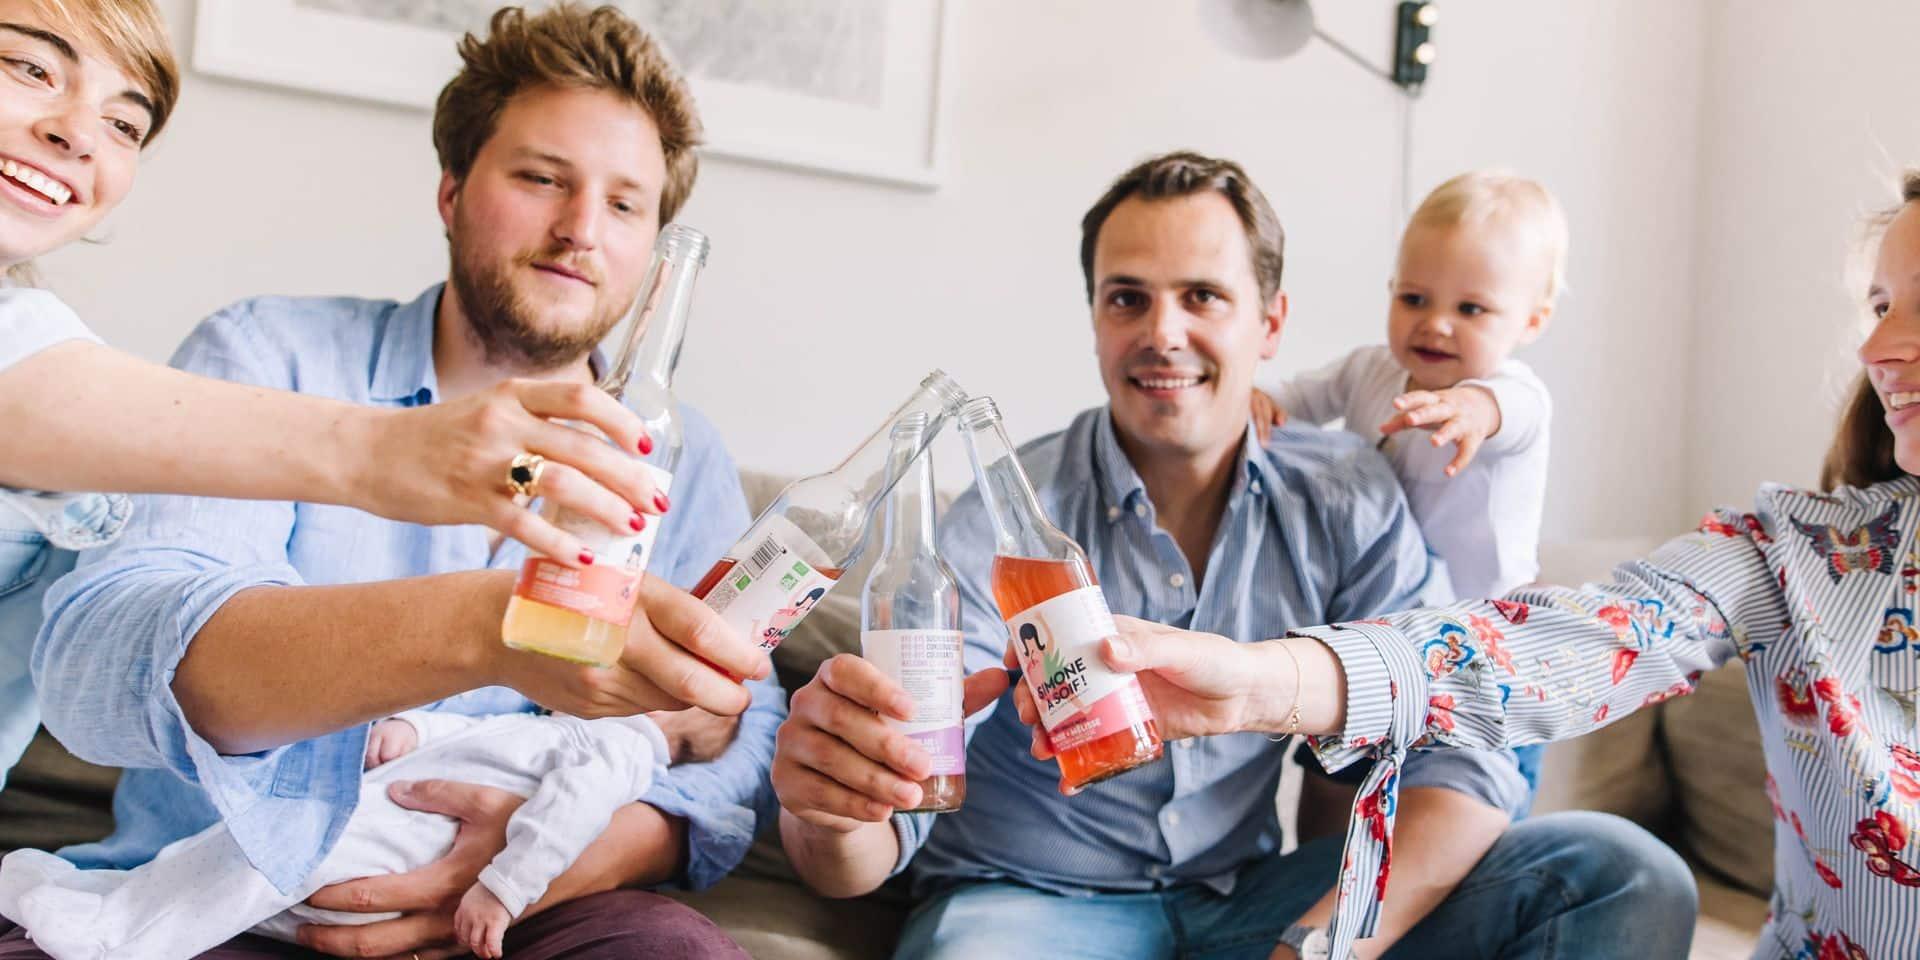 Concours : Gagnez 5 packs Simone a soif ! : de délicieuses eaux fruitées artisanales, belges, bios et surprenantes. Du jamais bu !